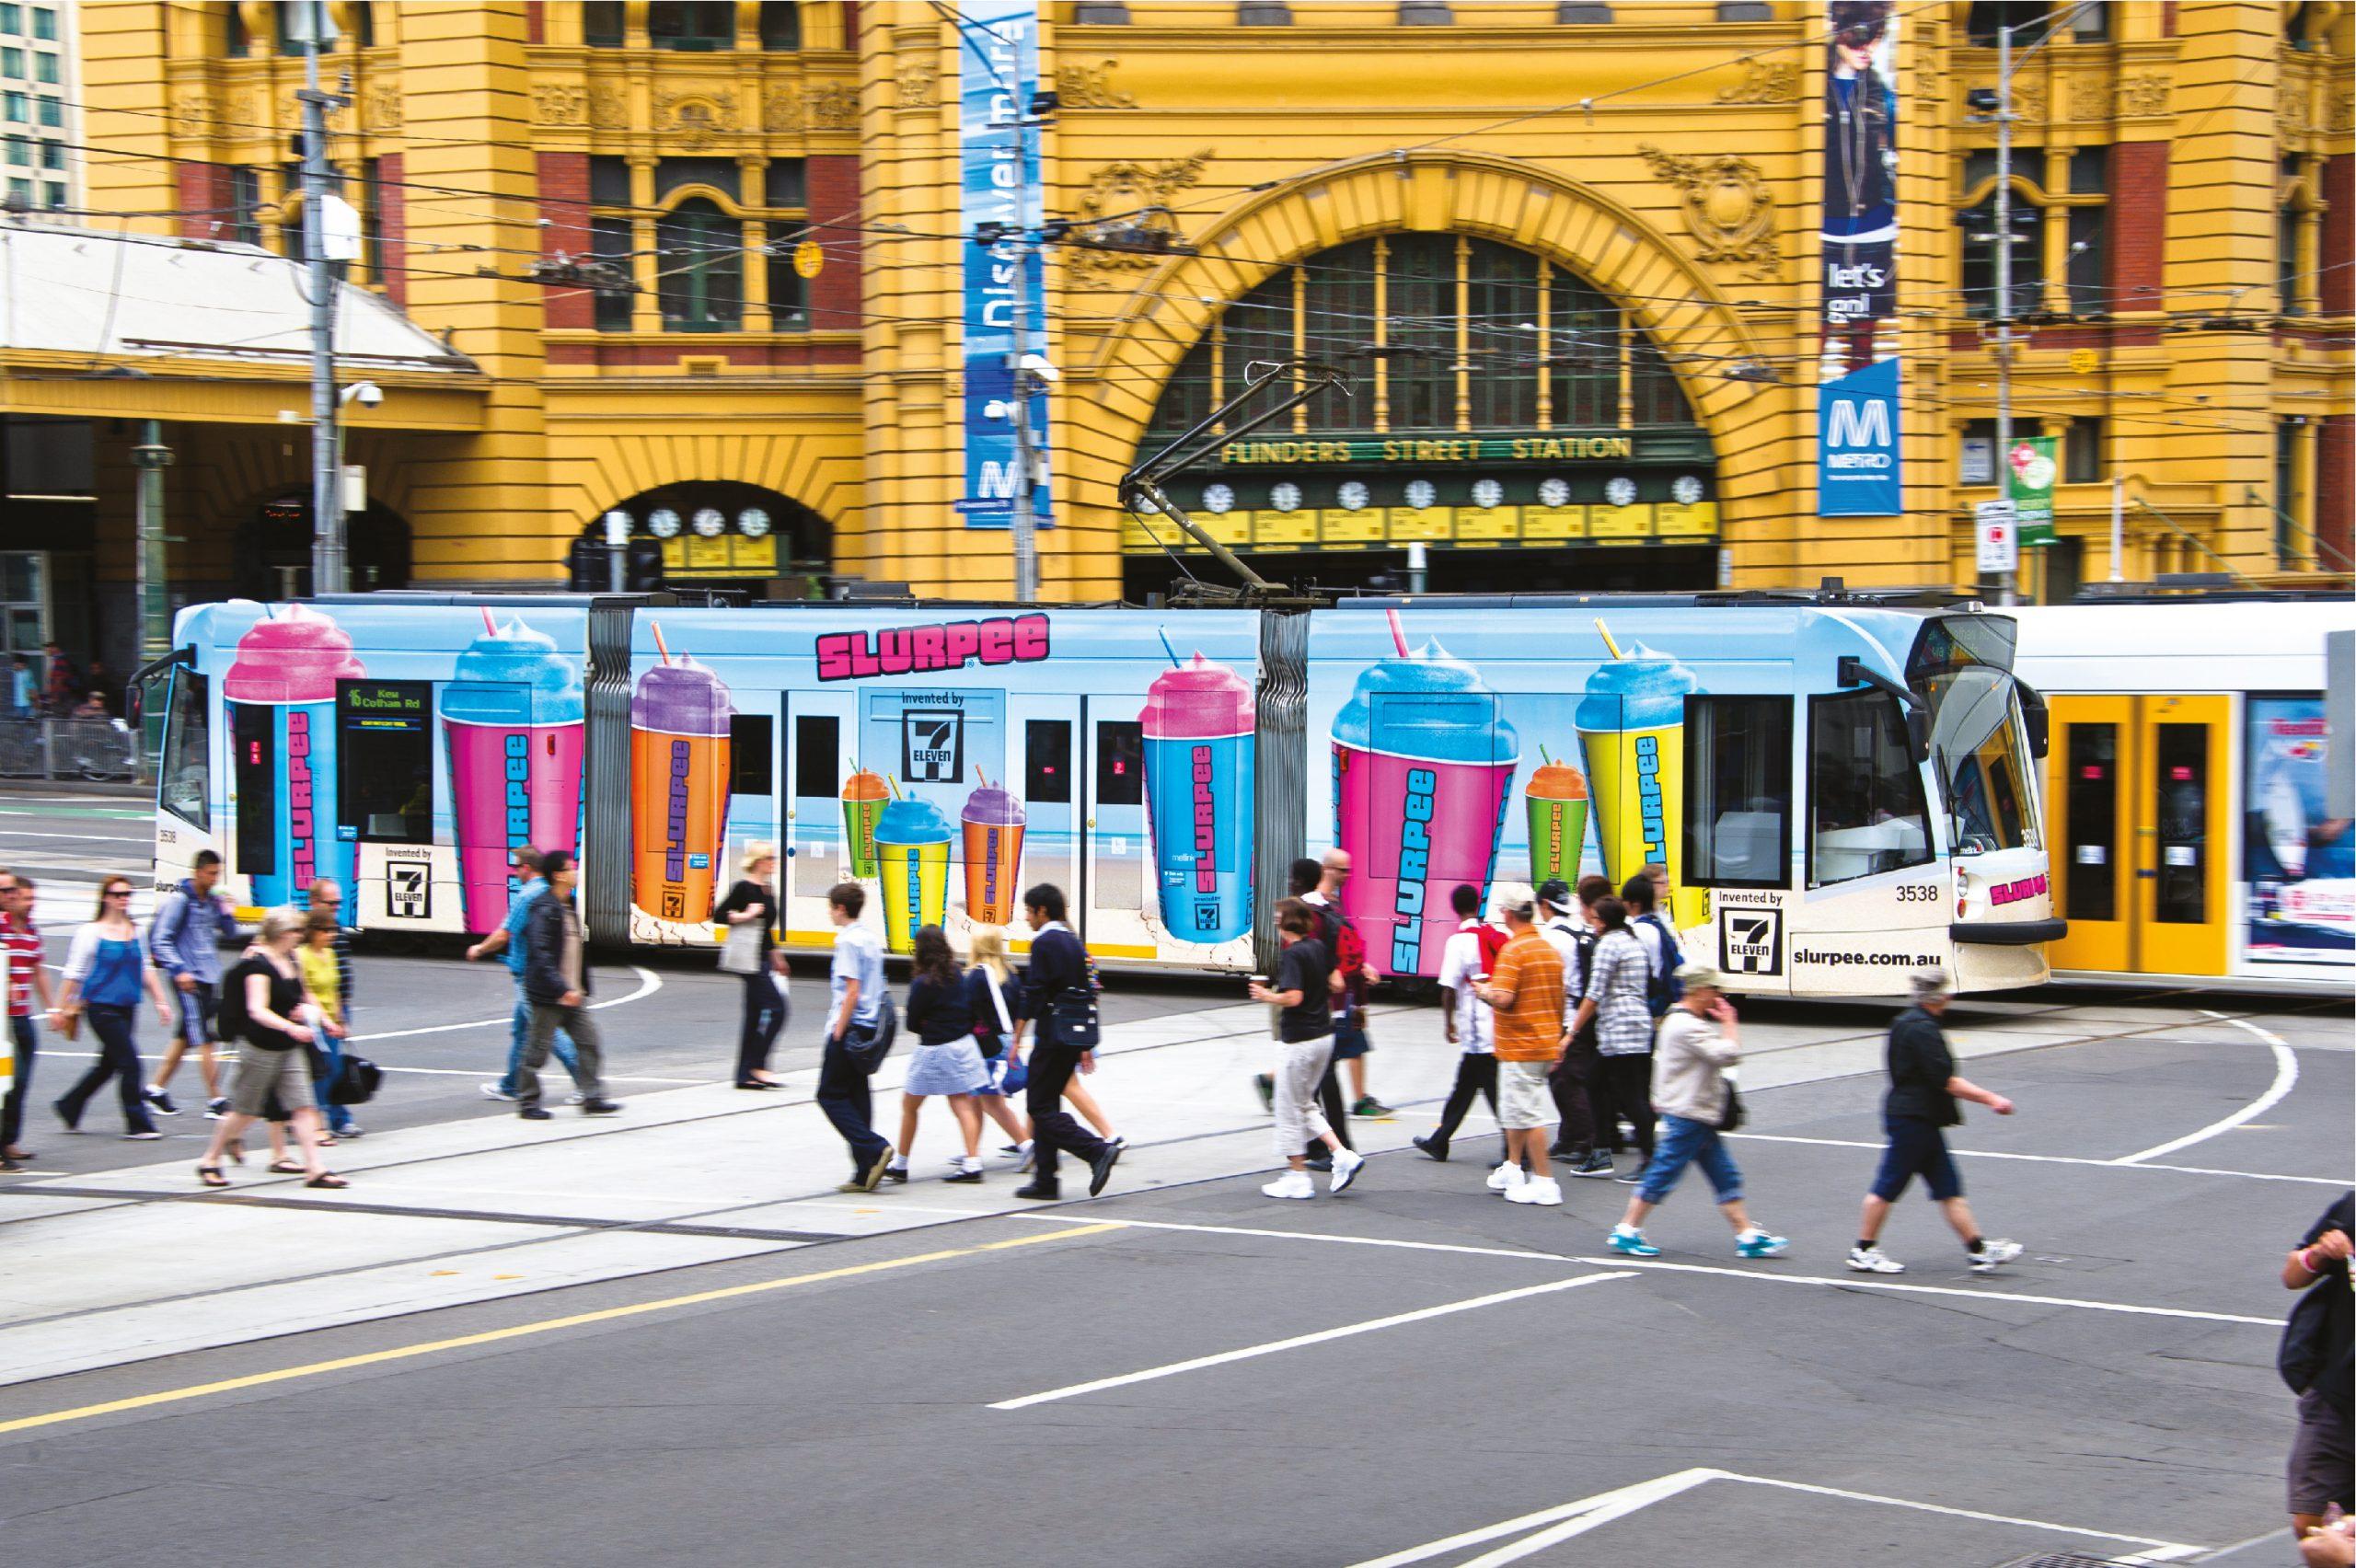 7 ELEVEN Full Tram Wrap